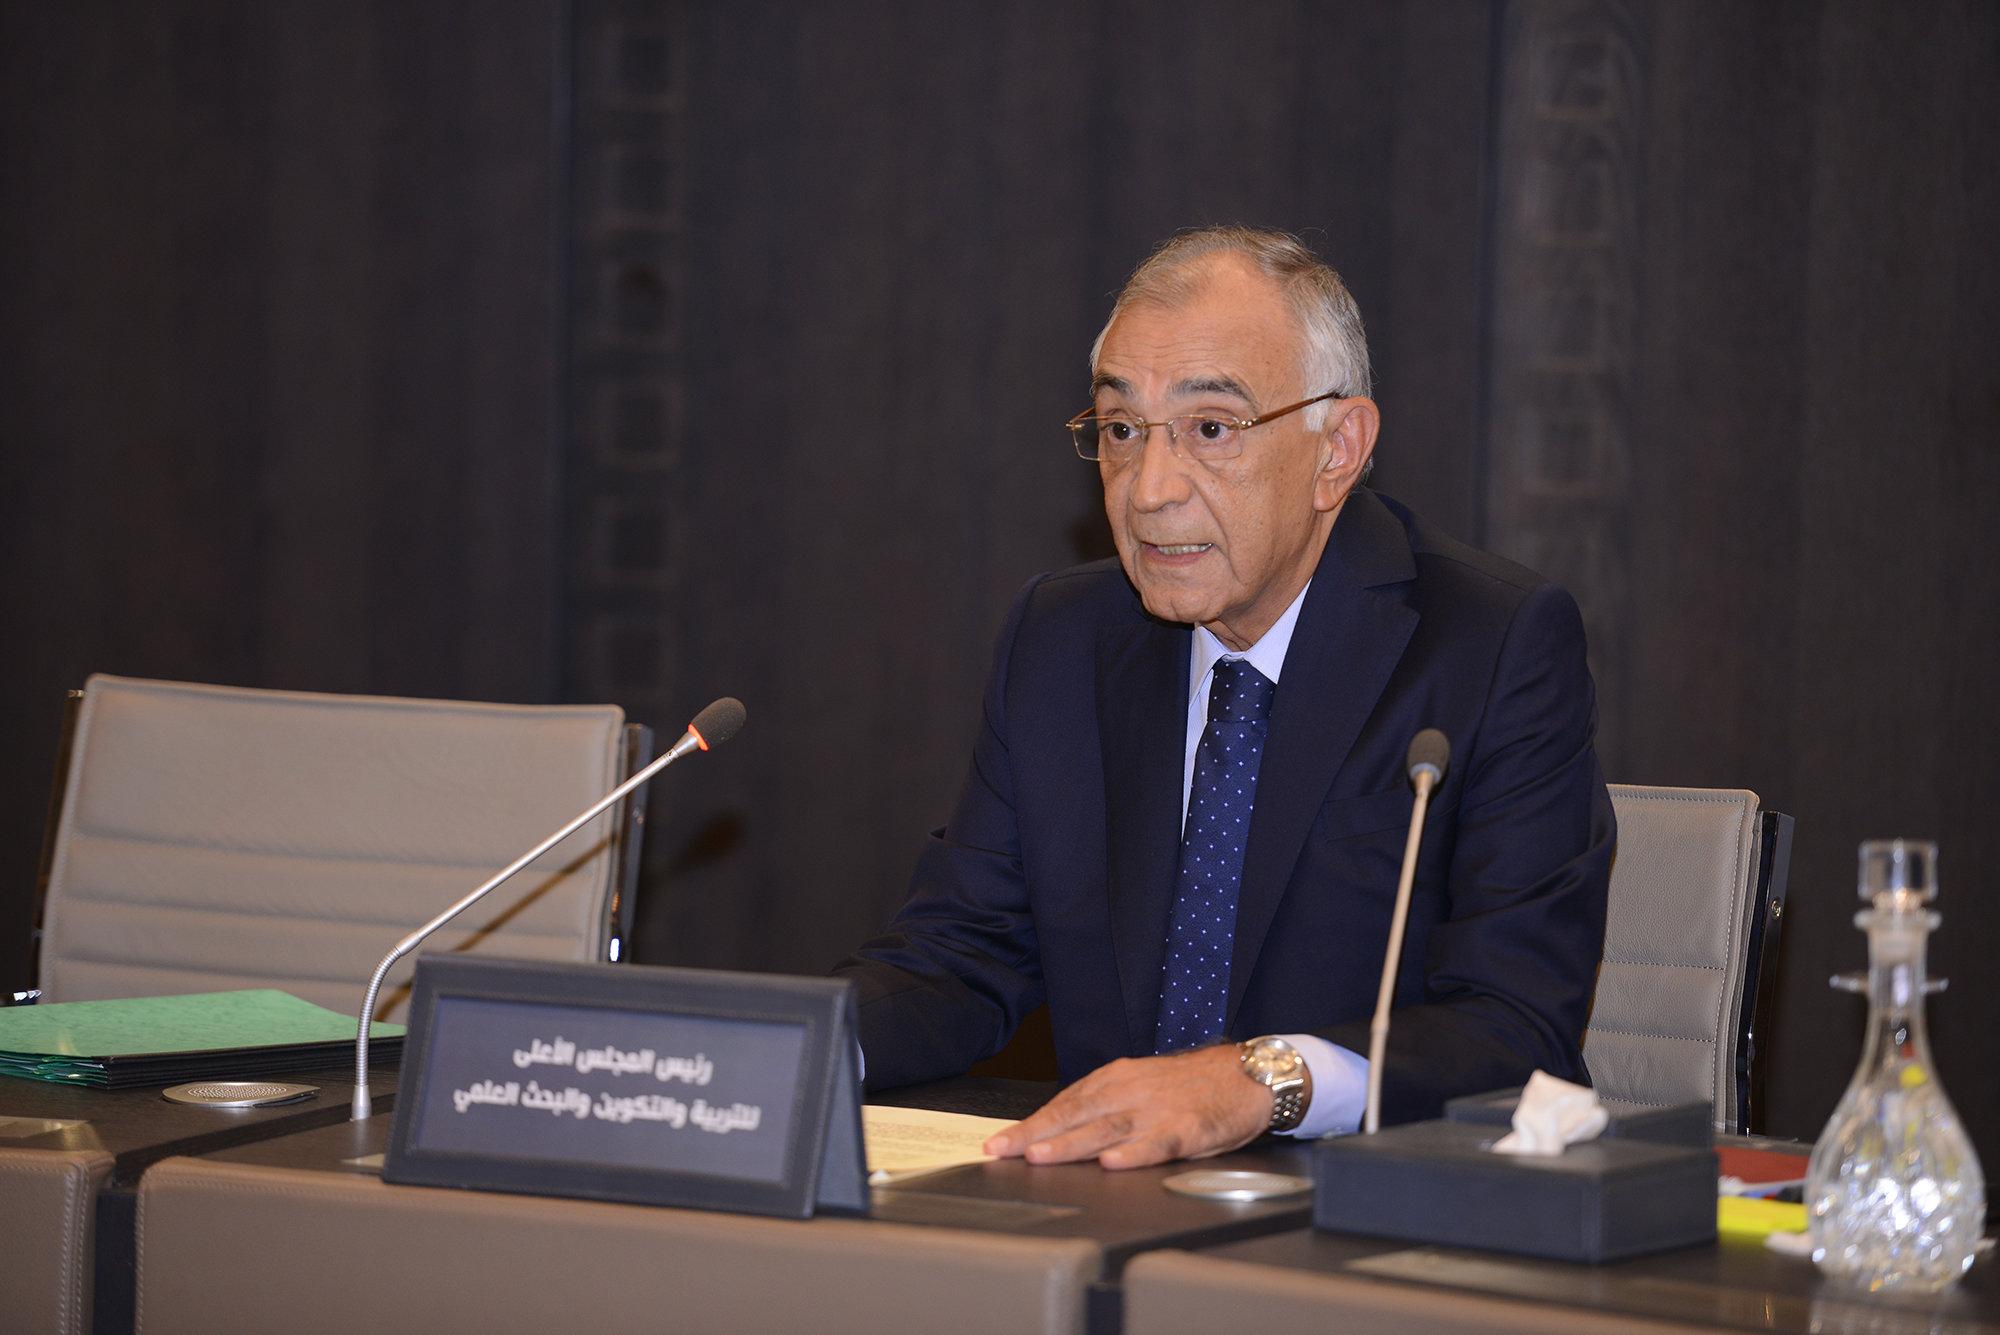 عمر عزيمان في افتتاح الدورة السابعة عشرة للمجلس الأعلى للتربية والتكوين والبحث العلمي